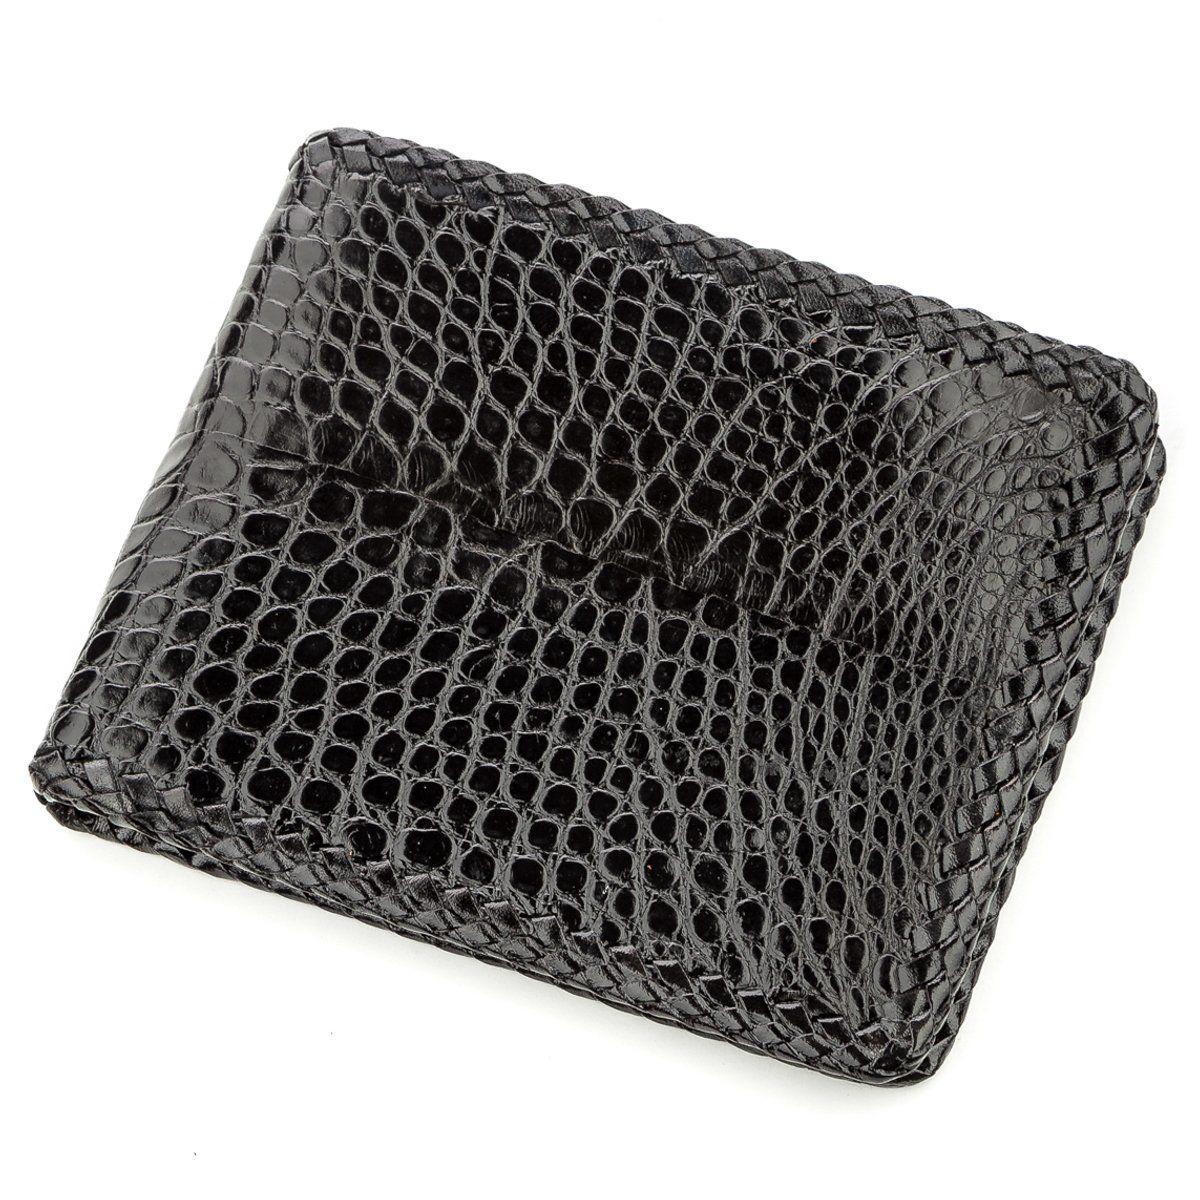 Бумажник мужской CROCODILE LEATHER 18586 из натуральной кожи крокодила Черный, Черный